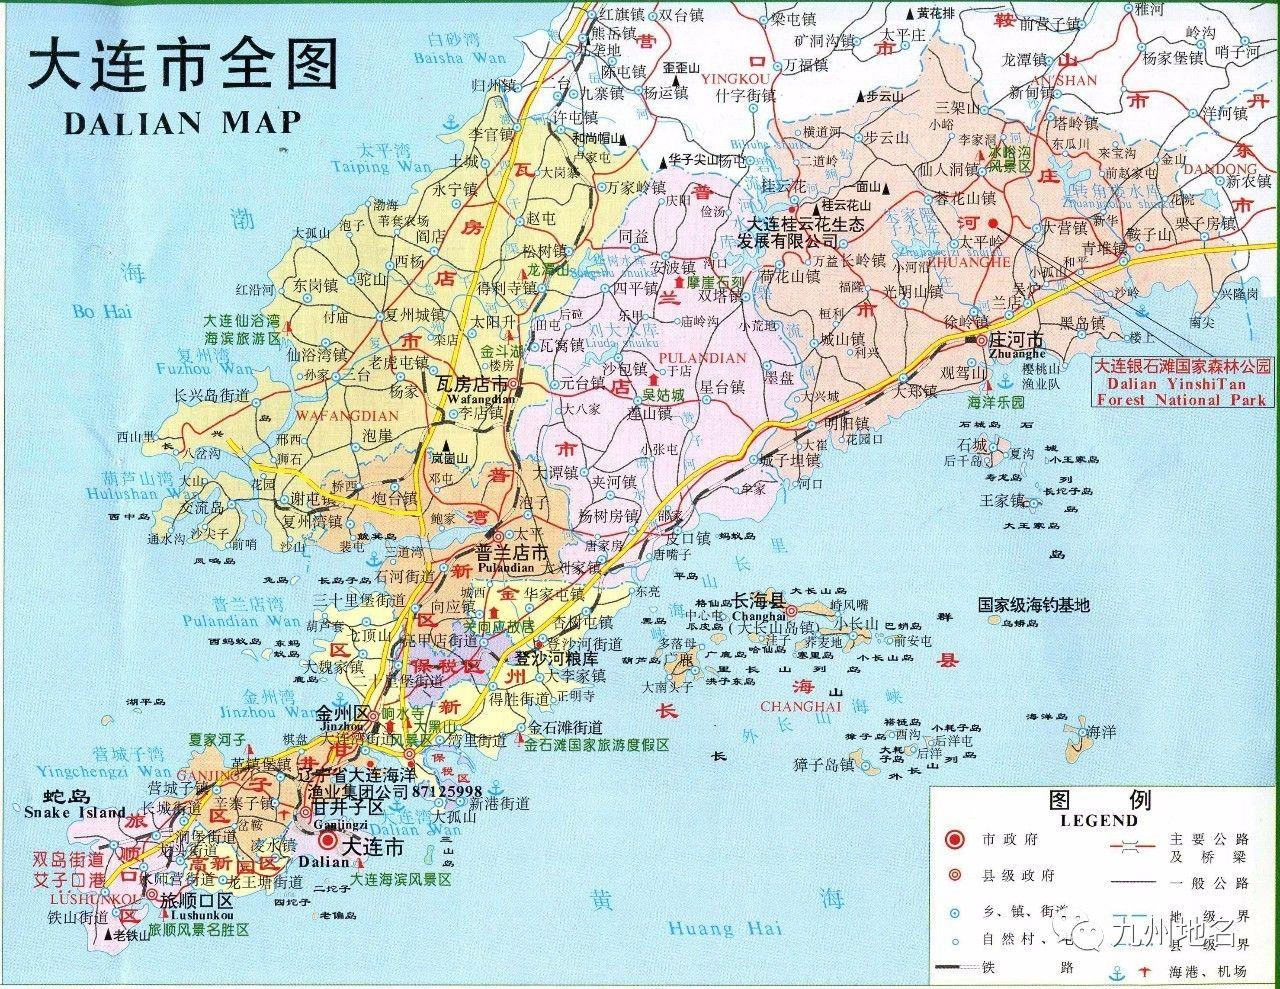 大连市地图(资料图) 辽代,因扶州居民南迁得名 复州是瓦房店市下辖的